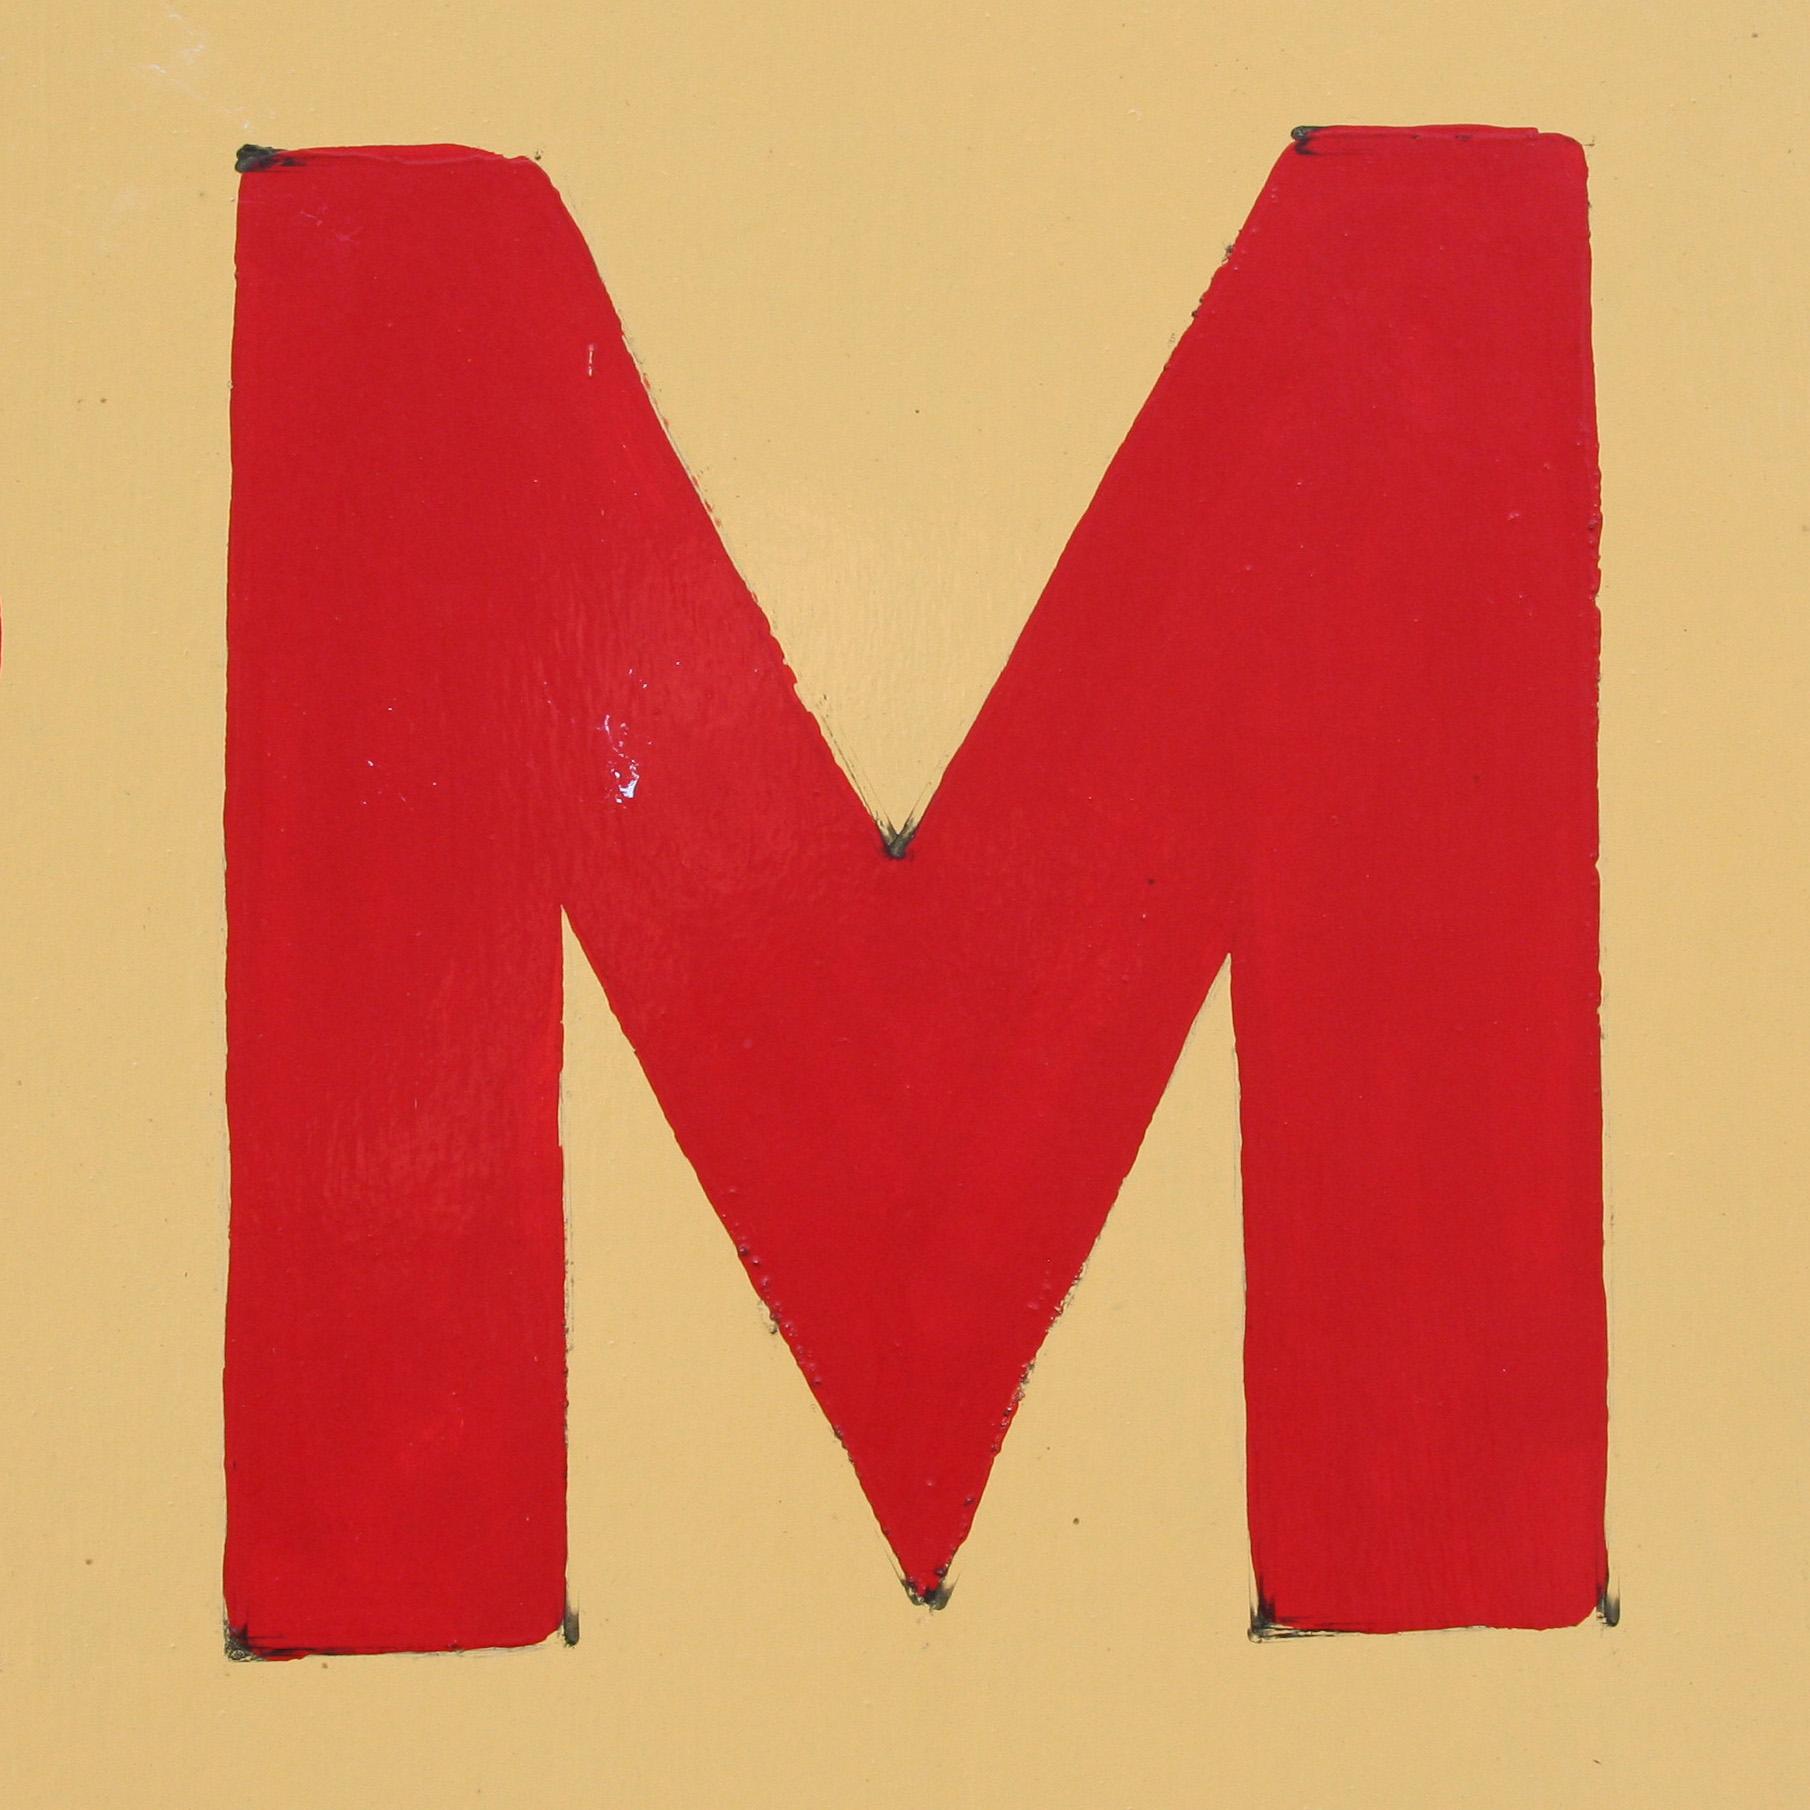 بالصور صور حرف m , احلى صور لحرف ال m 2542 9